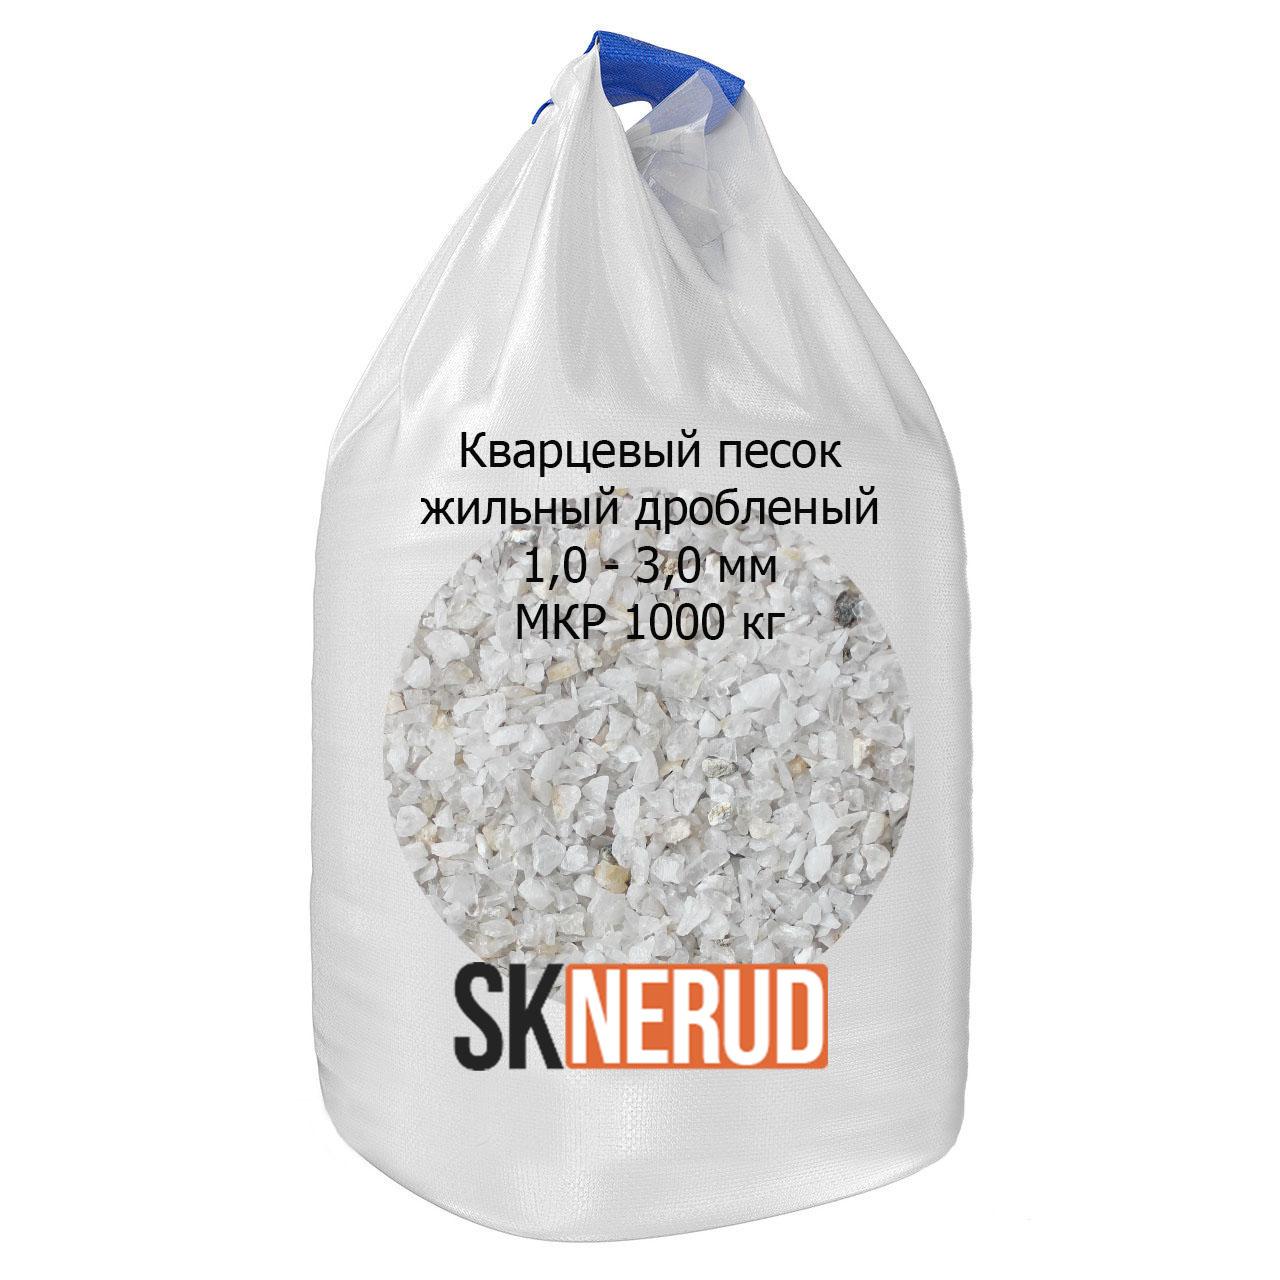 Кварцевый песок дробленый 1,0-3,0 мм в МКР